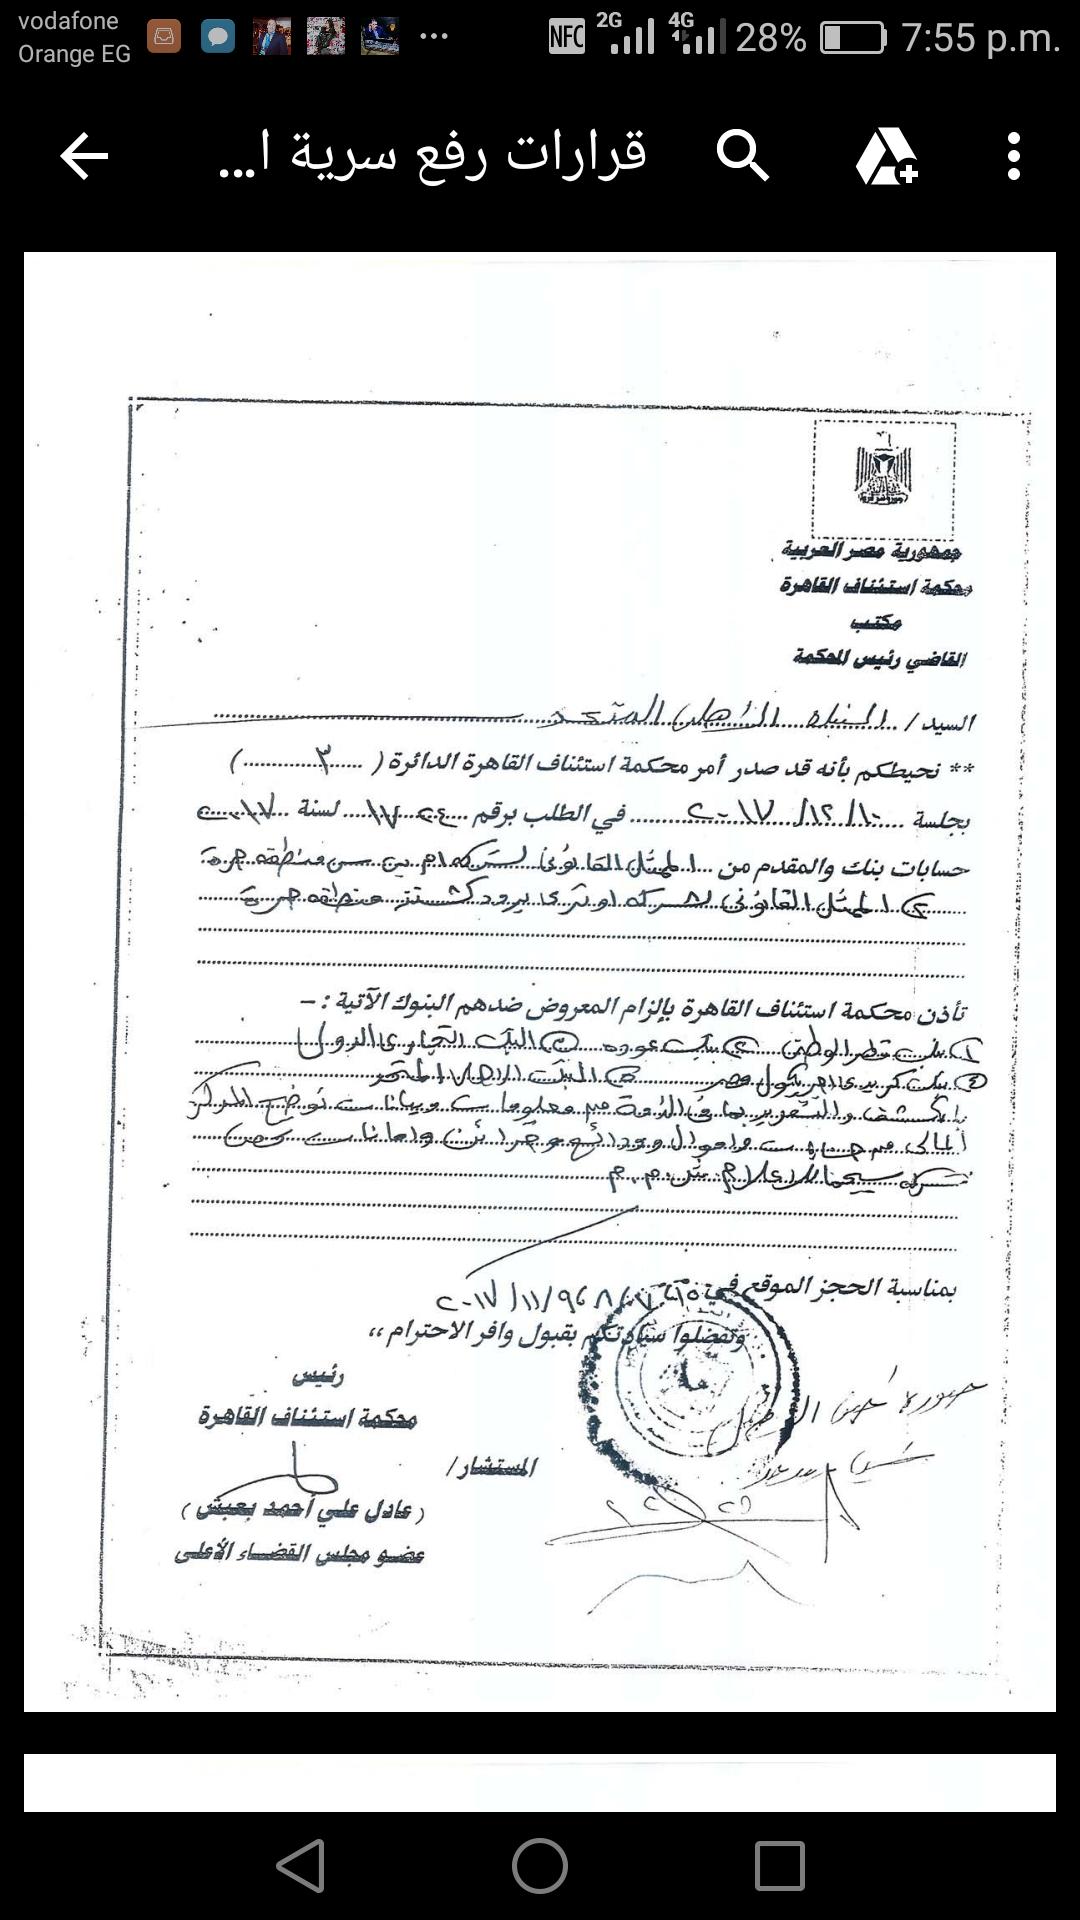 بالمستندات /المحكمة تطالب بكشف ارصدة قناة الحياة لتنفيذ حكم mbc